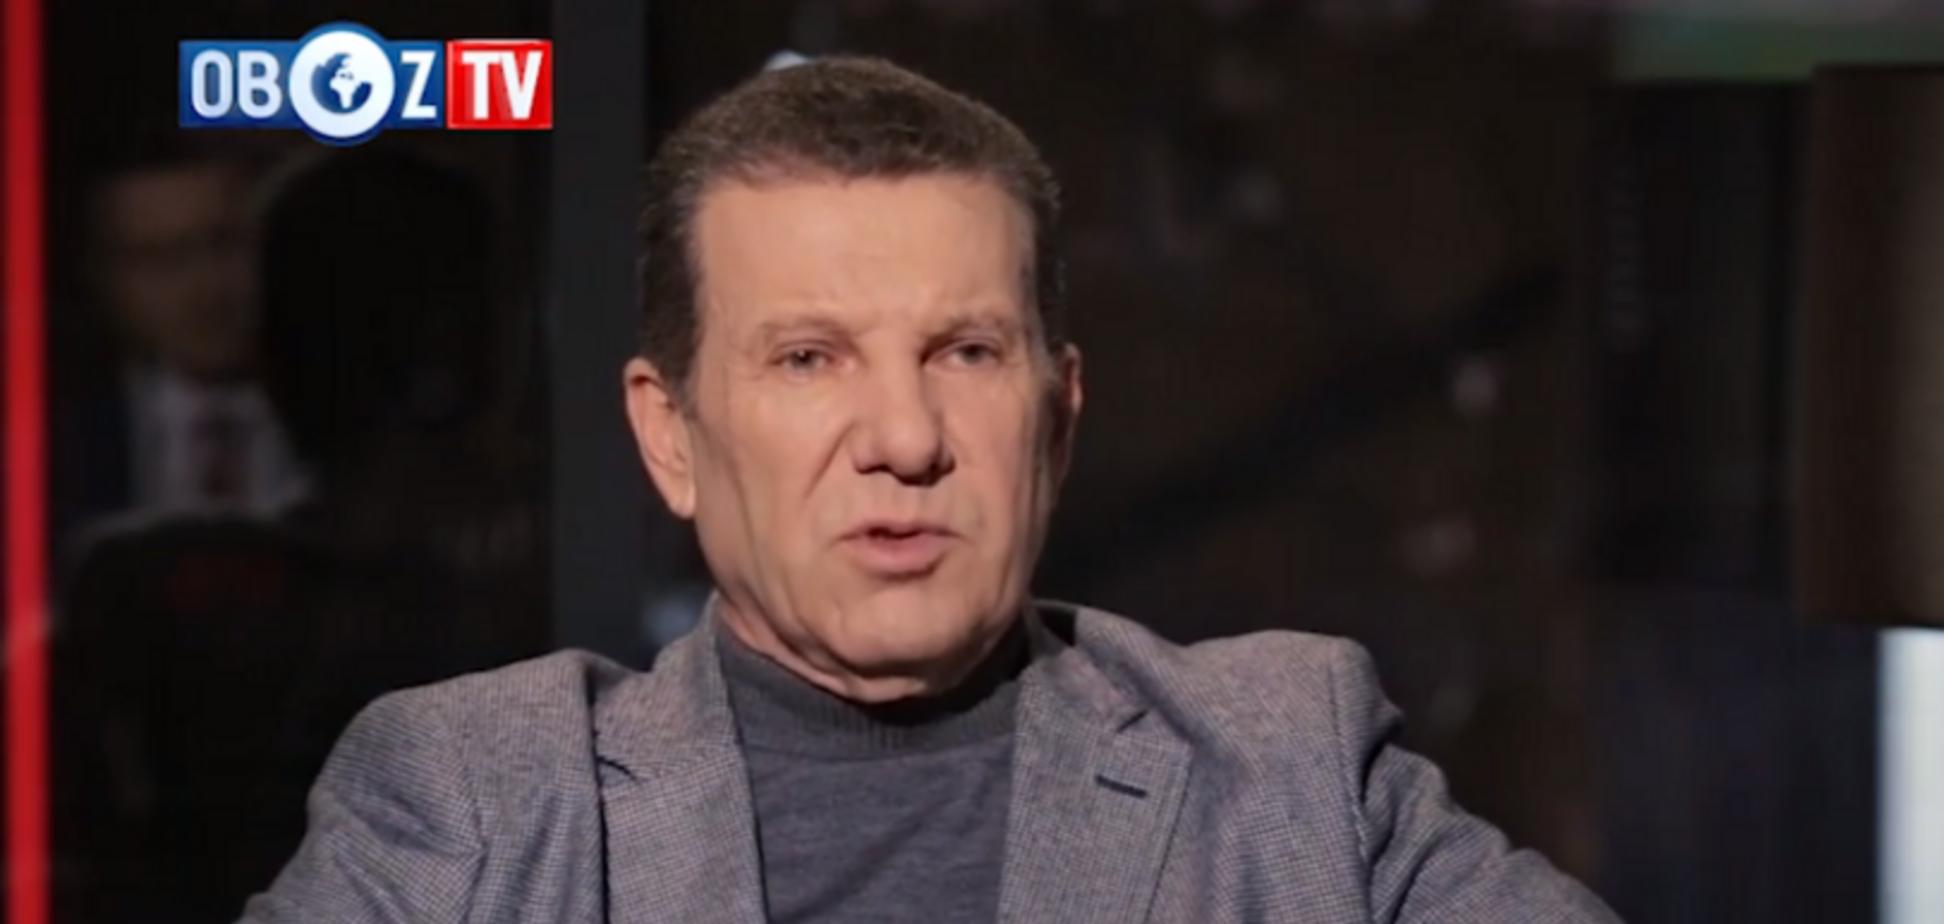 OBOZ TALK – экс-глава Совета министров Автономной Республики Крым Сергей Куницын